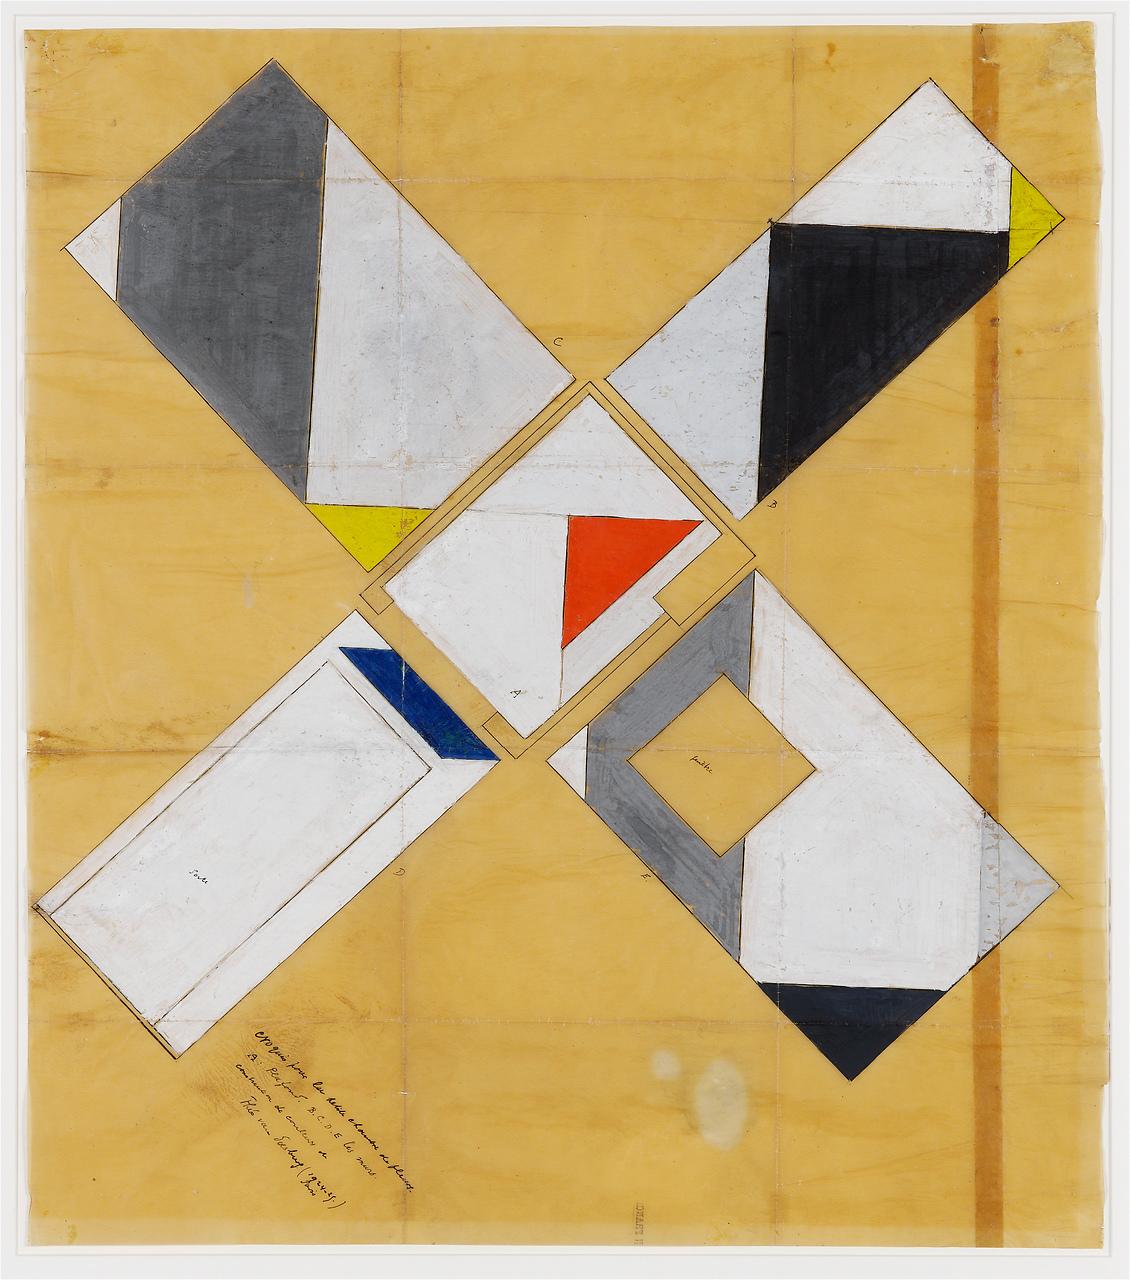 Ontwerptekening door Theo van Doesburg (1924-1925) in de collectie van het Van Abbemuseum Eindhoven